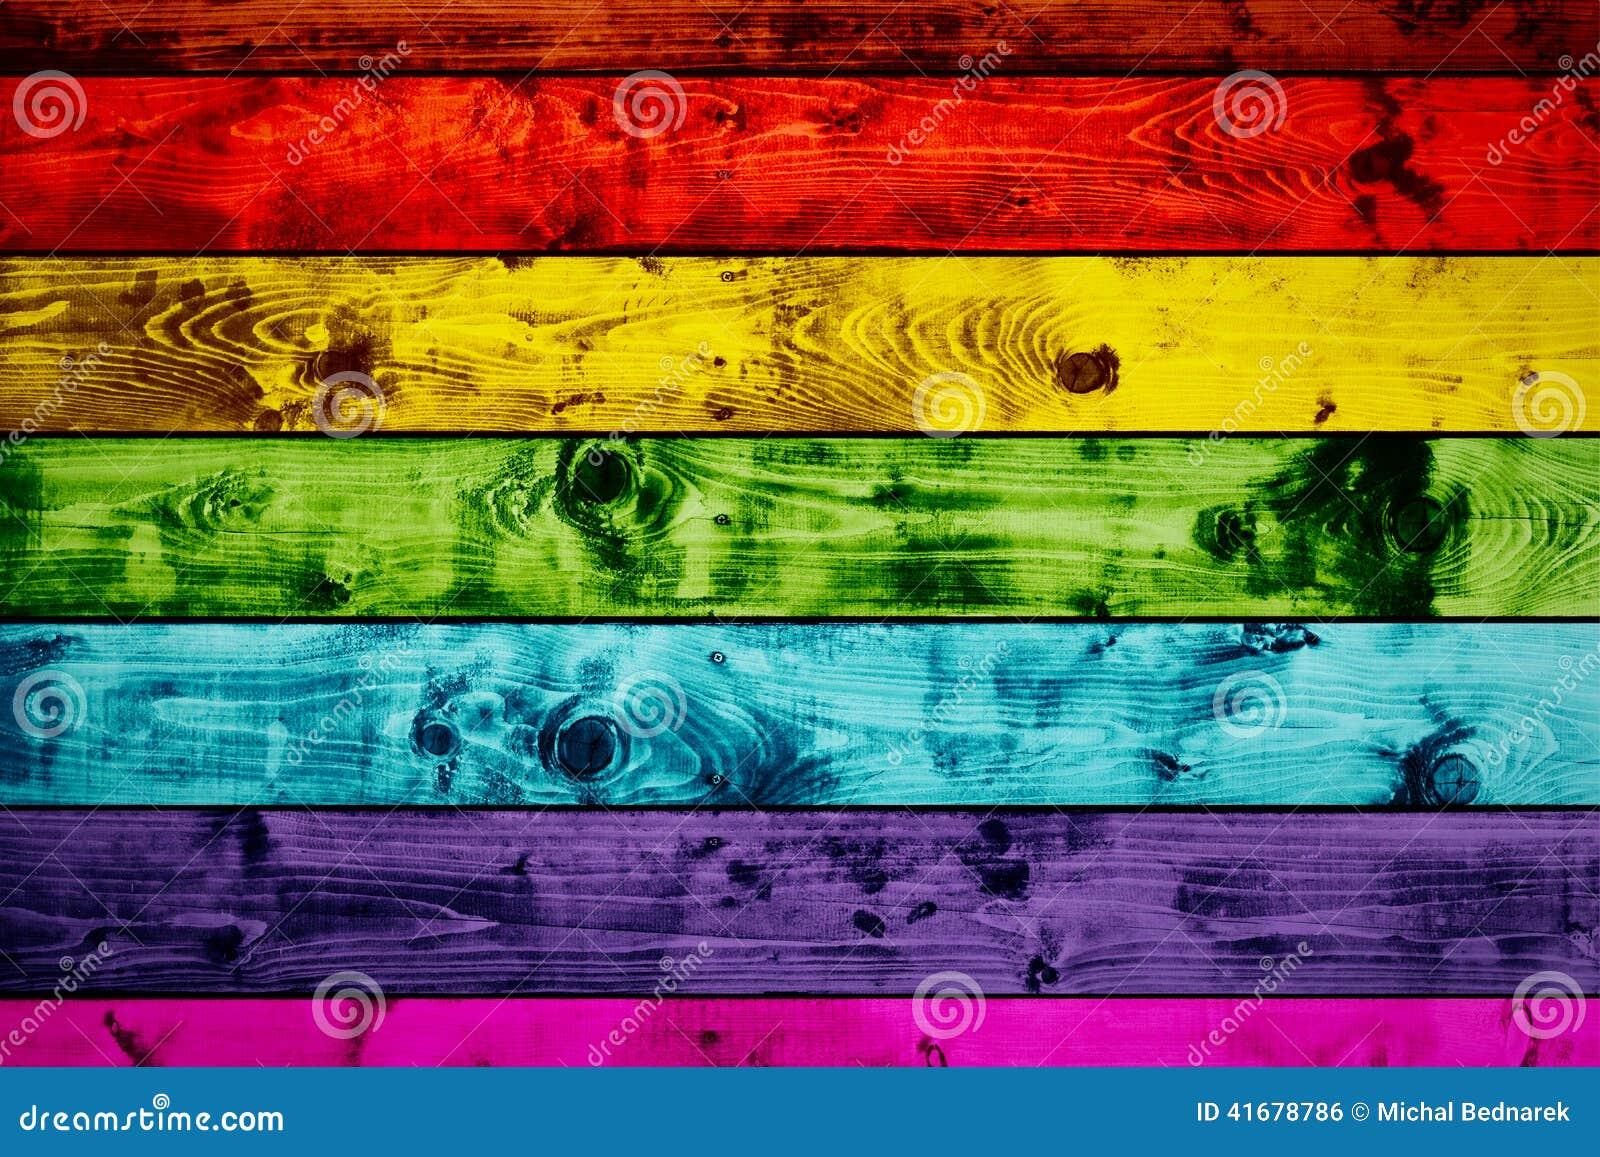 Grunge drewna desek kolorowy tło w tęczy barwi